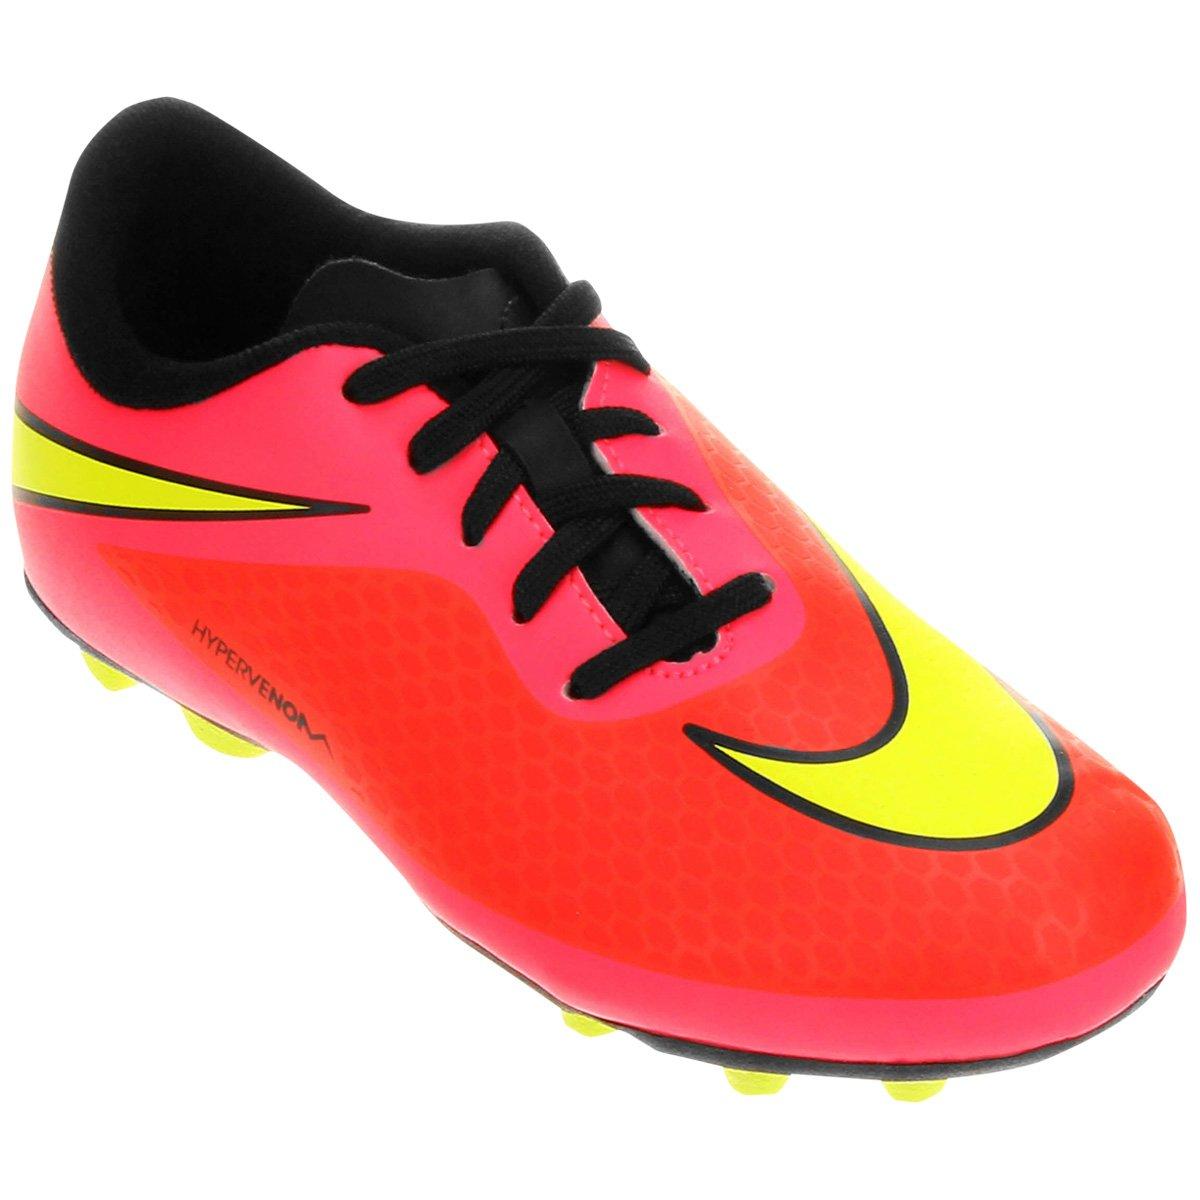 Chuteira Nike Hypervenom Phade FG-R Juvenil - Compre Agora  9b06d0e94dbe0